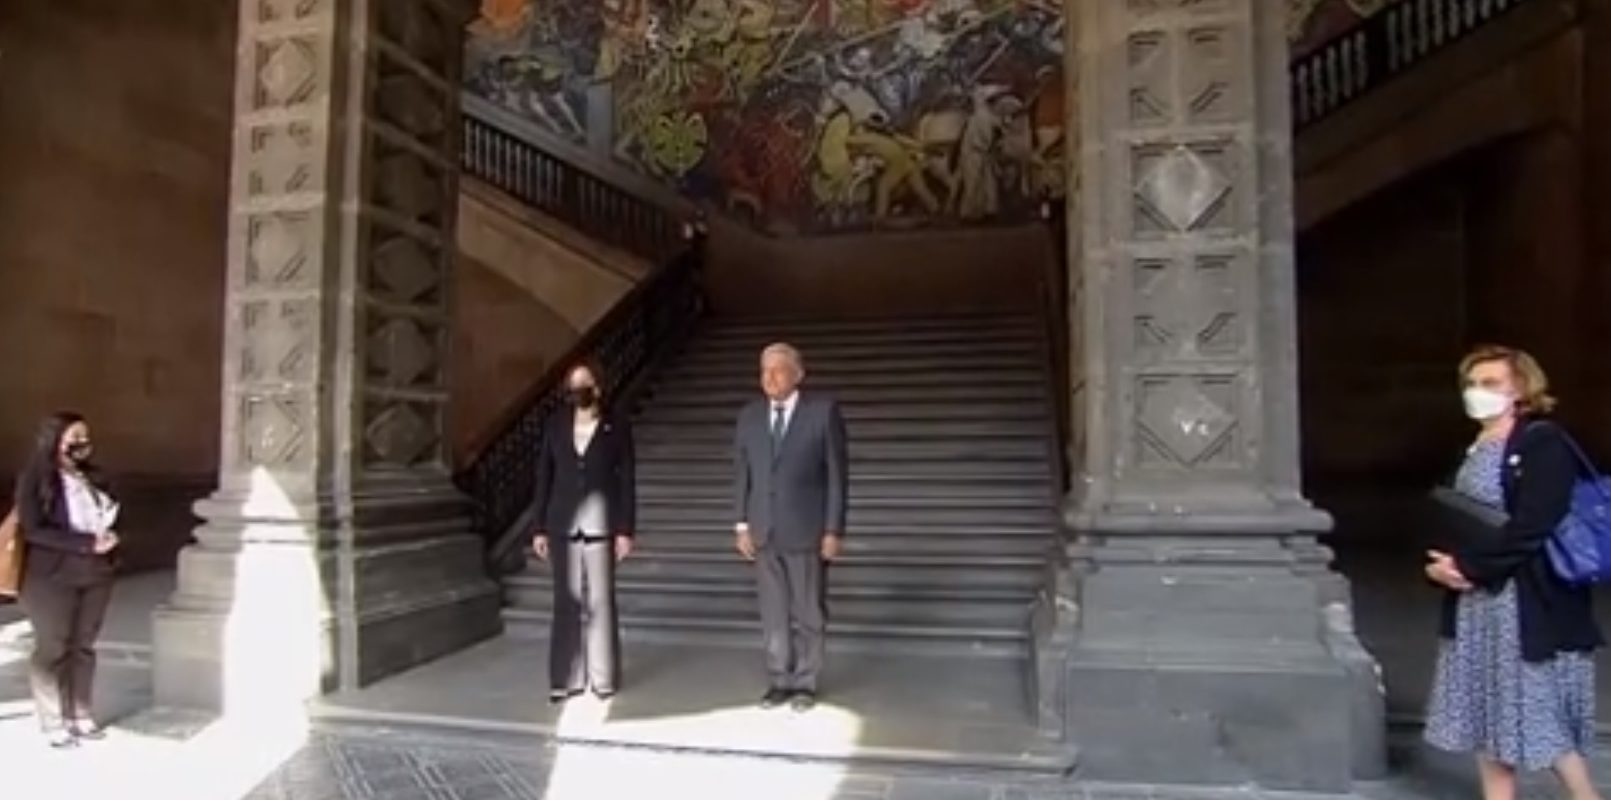 ¡Mucho gusto!, así saludo AMLO a Kamala Harris tras su llegada en Palacio Nacional